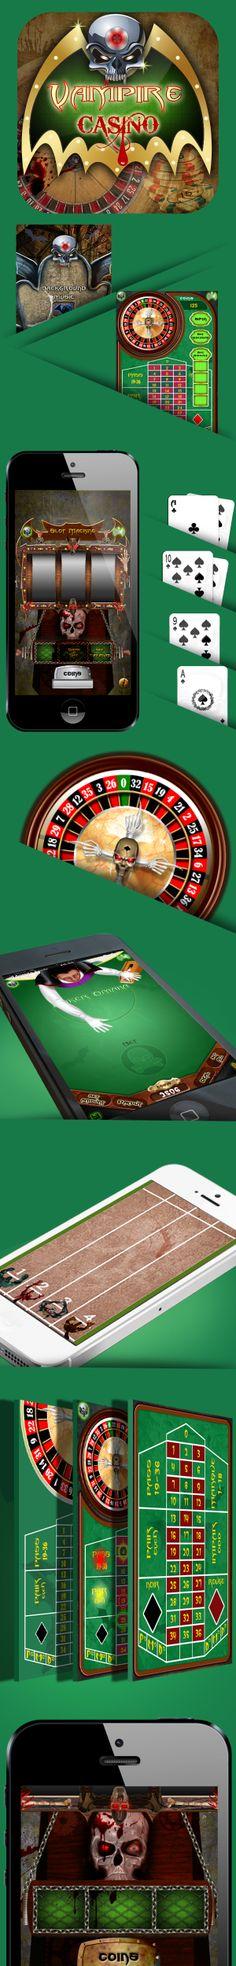 Vampire Casino by Teks Mobile, via Behance